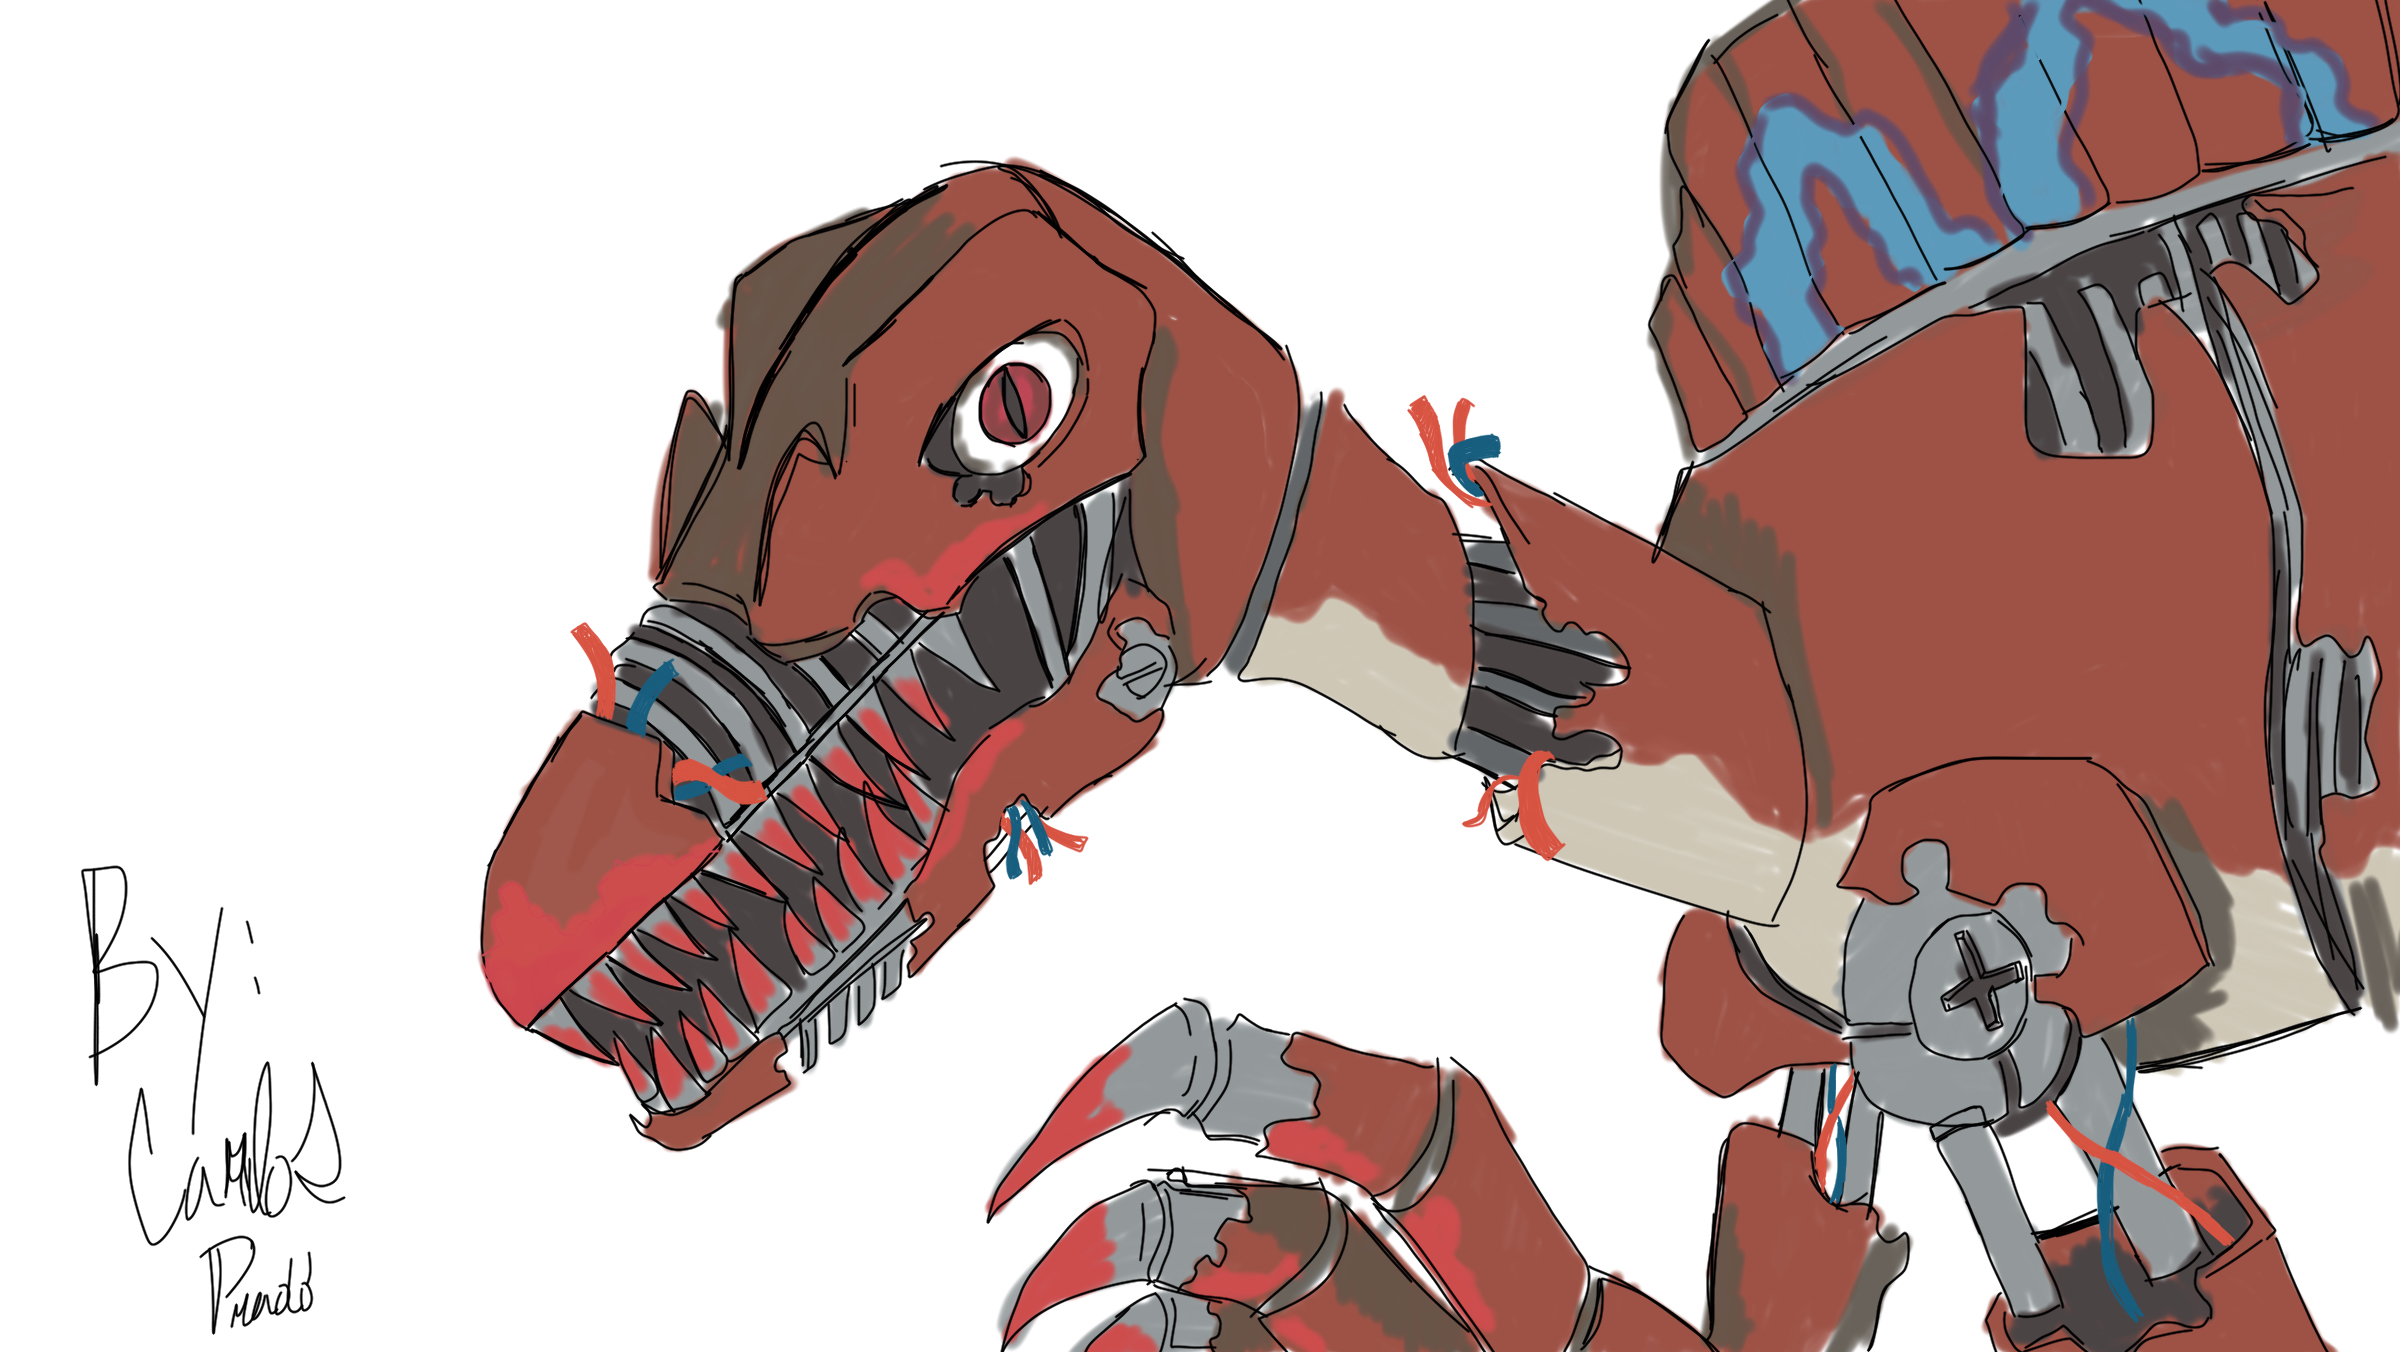 Animatronic Spinosaurus by futurezoologist on DeviantArt